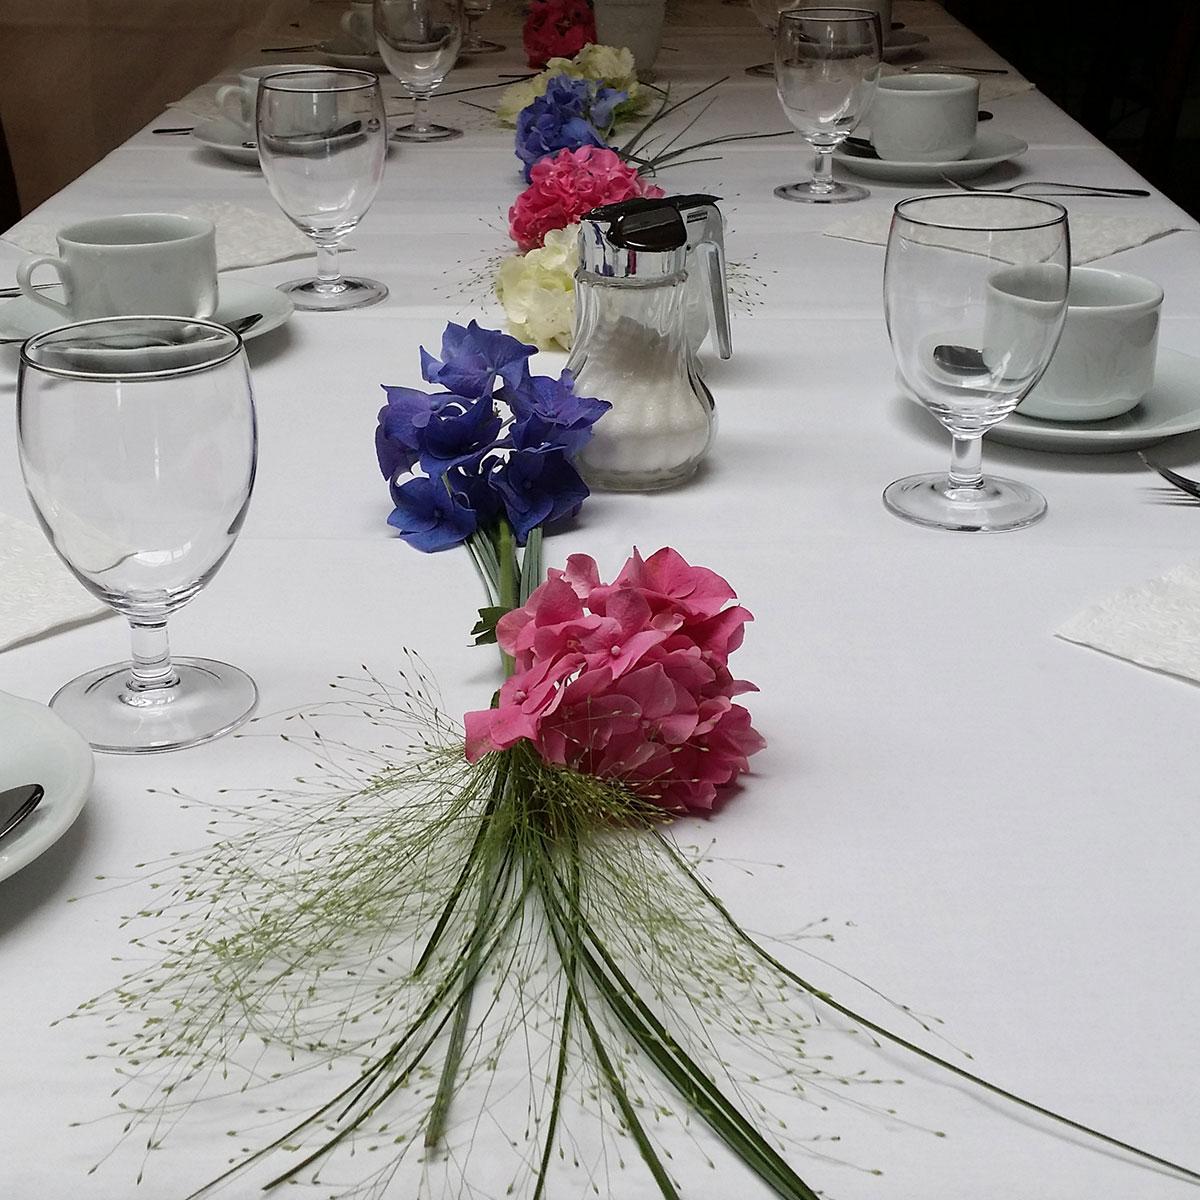 rosa blau Tischschmuck